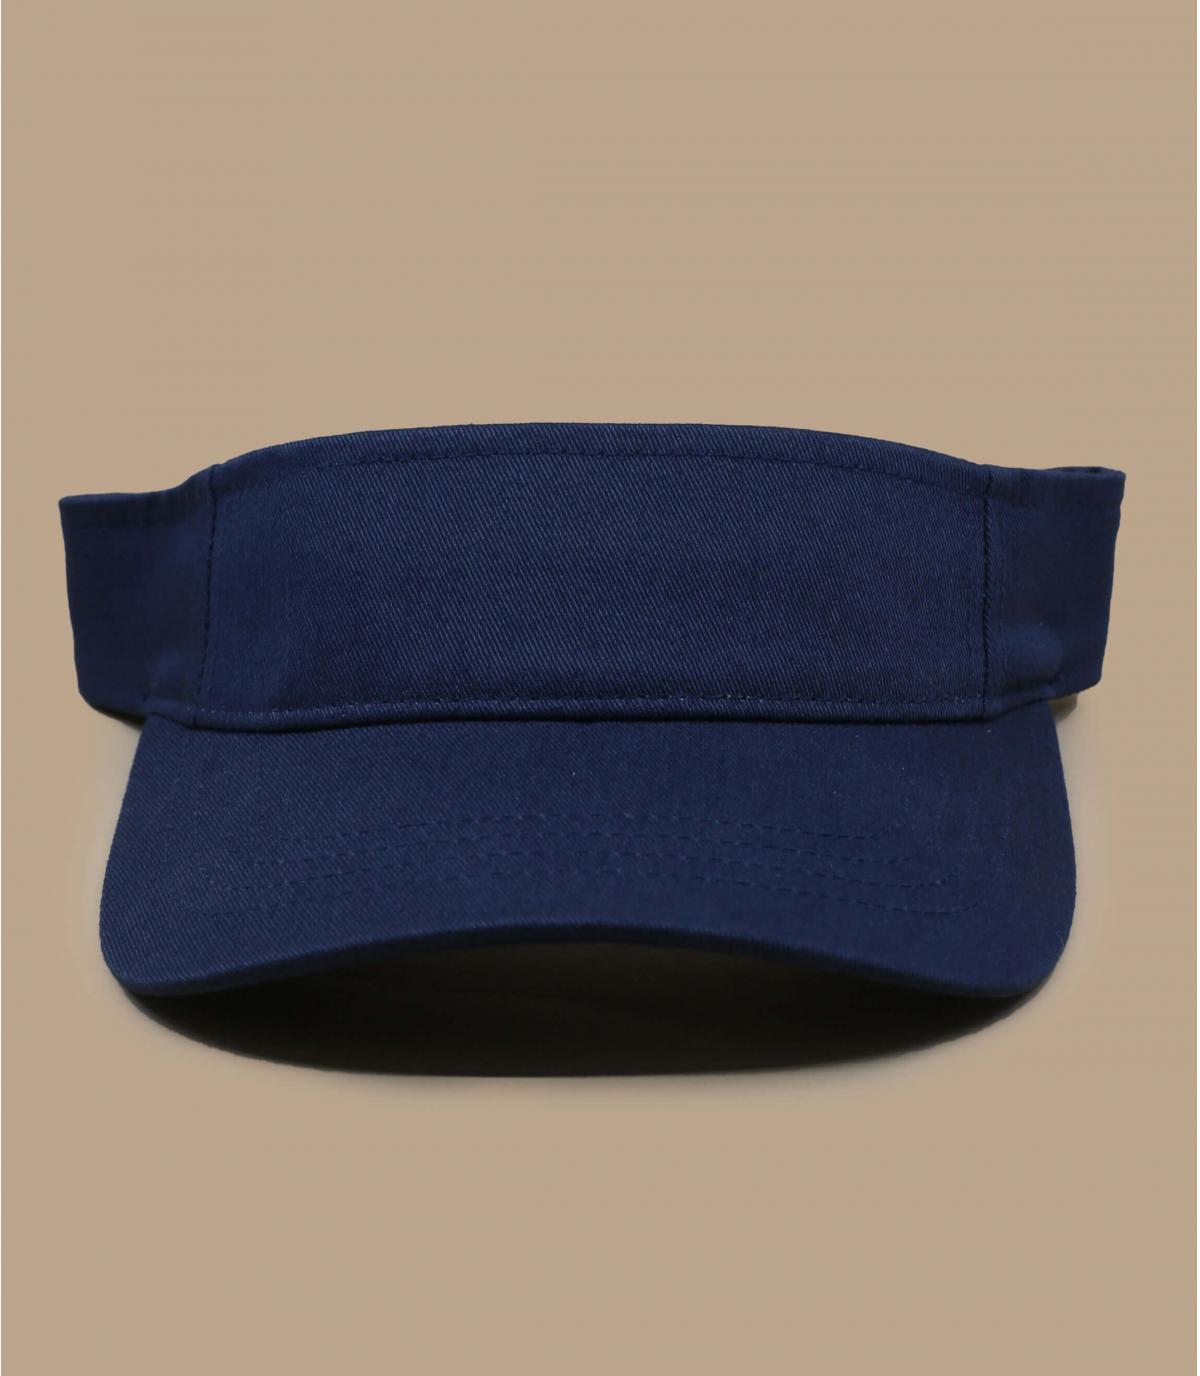 visera azul marino Flexifit